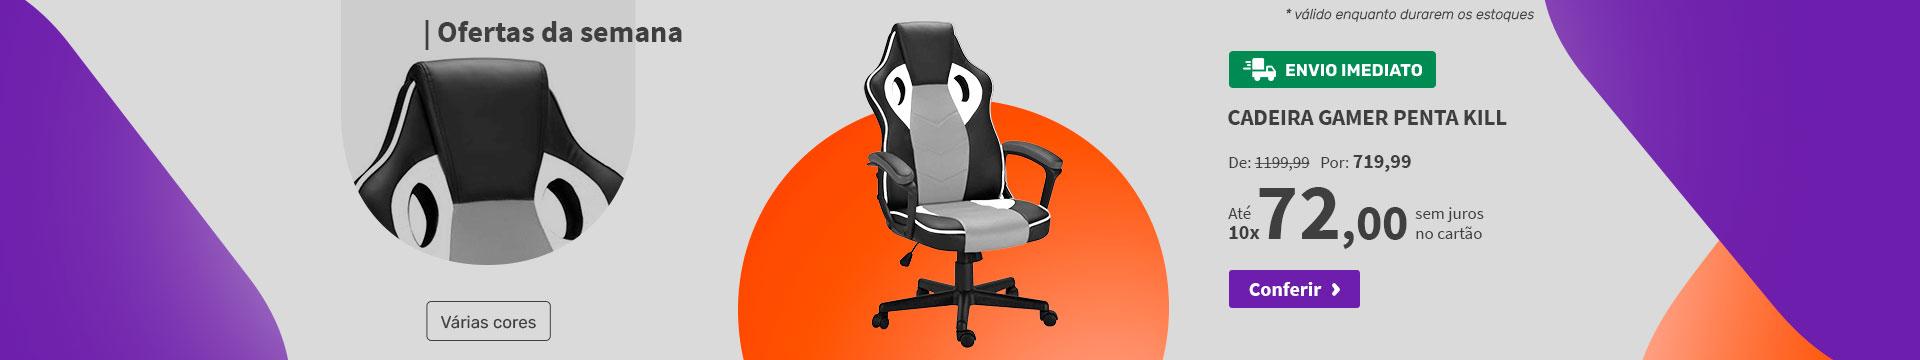 Cadeira Gamer Penta Kill - Ofertas da semana